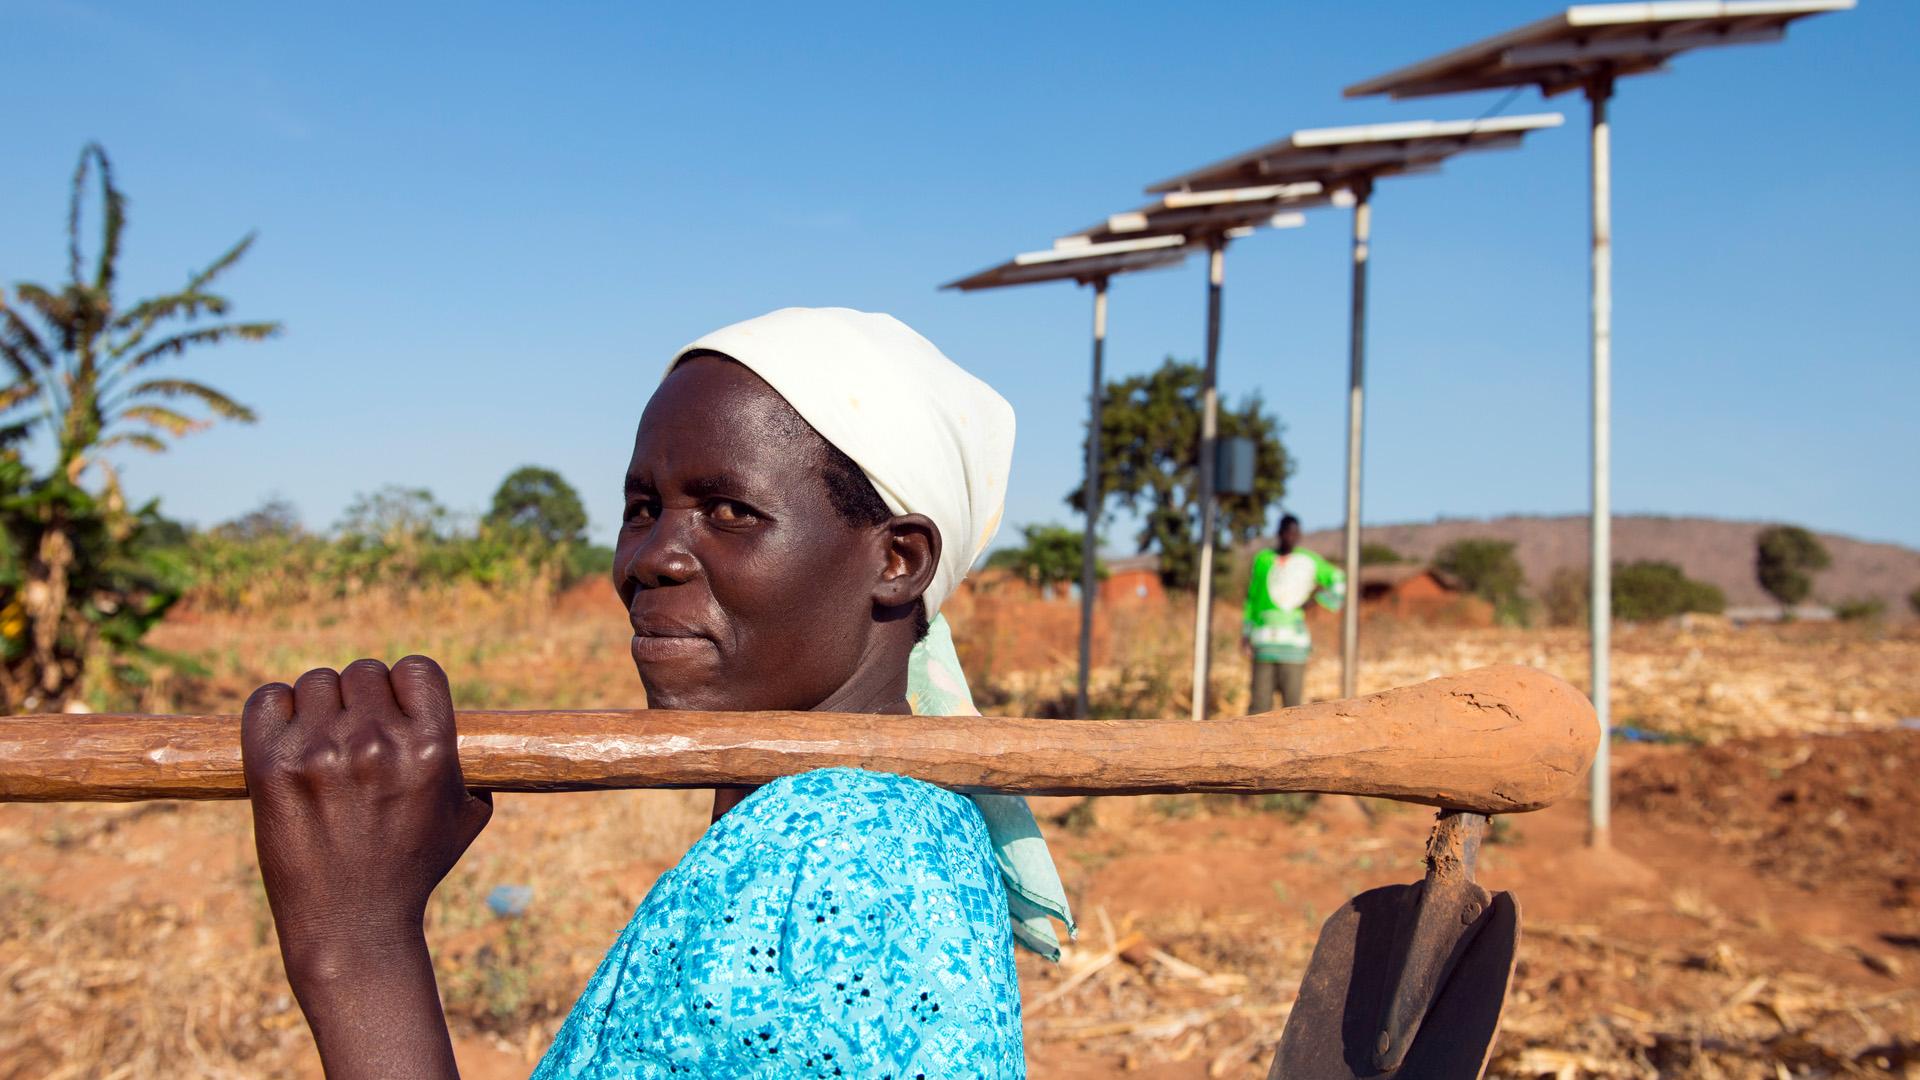 Eine Bäuerin in Malawi vor einer Solaranlage, die den Strom für die Pumpe eines Tröpfchenbewässerungssystems liefert